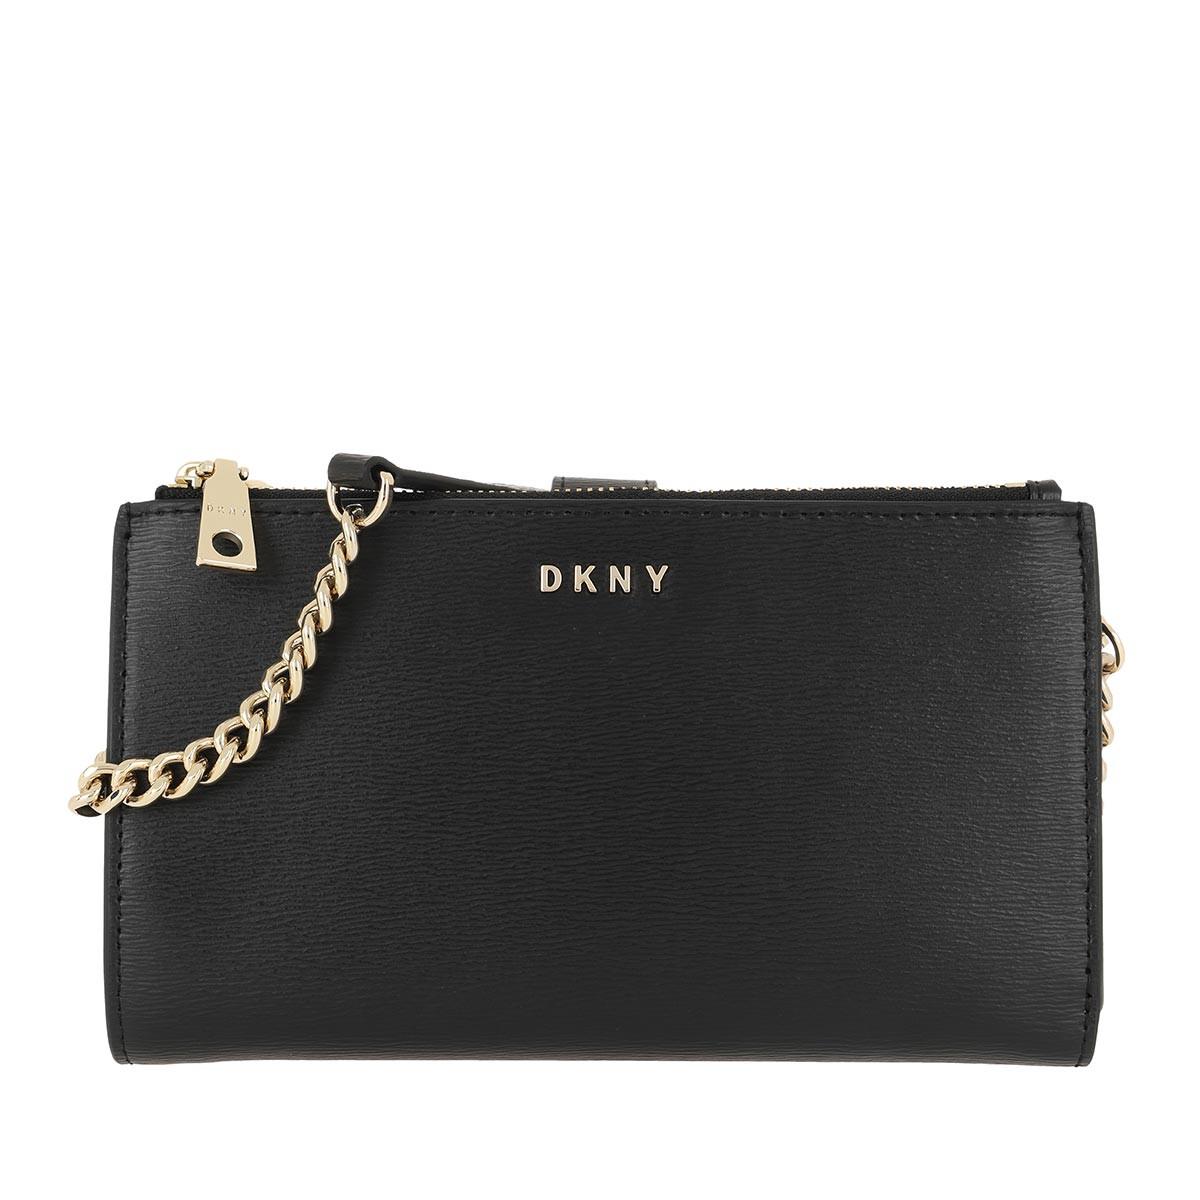 DKNY Umhängetasche - Bryant Crossbody Bag Black/Gold - in schwarz - für Damen